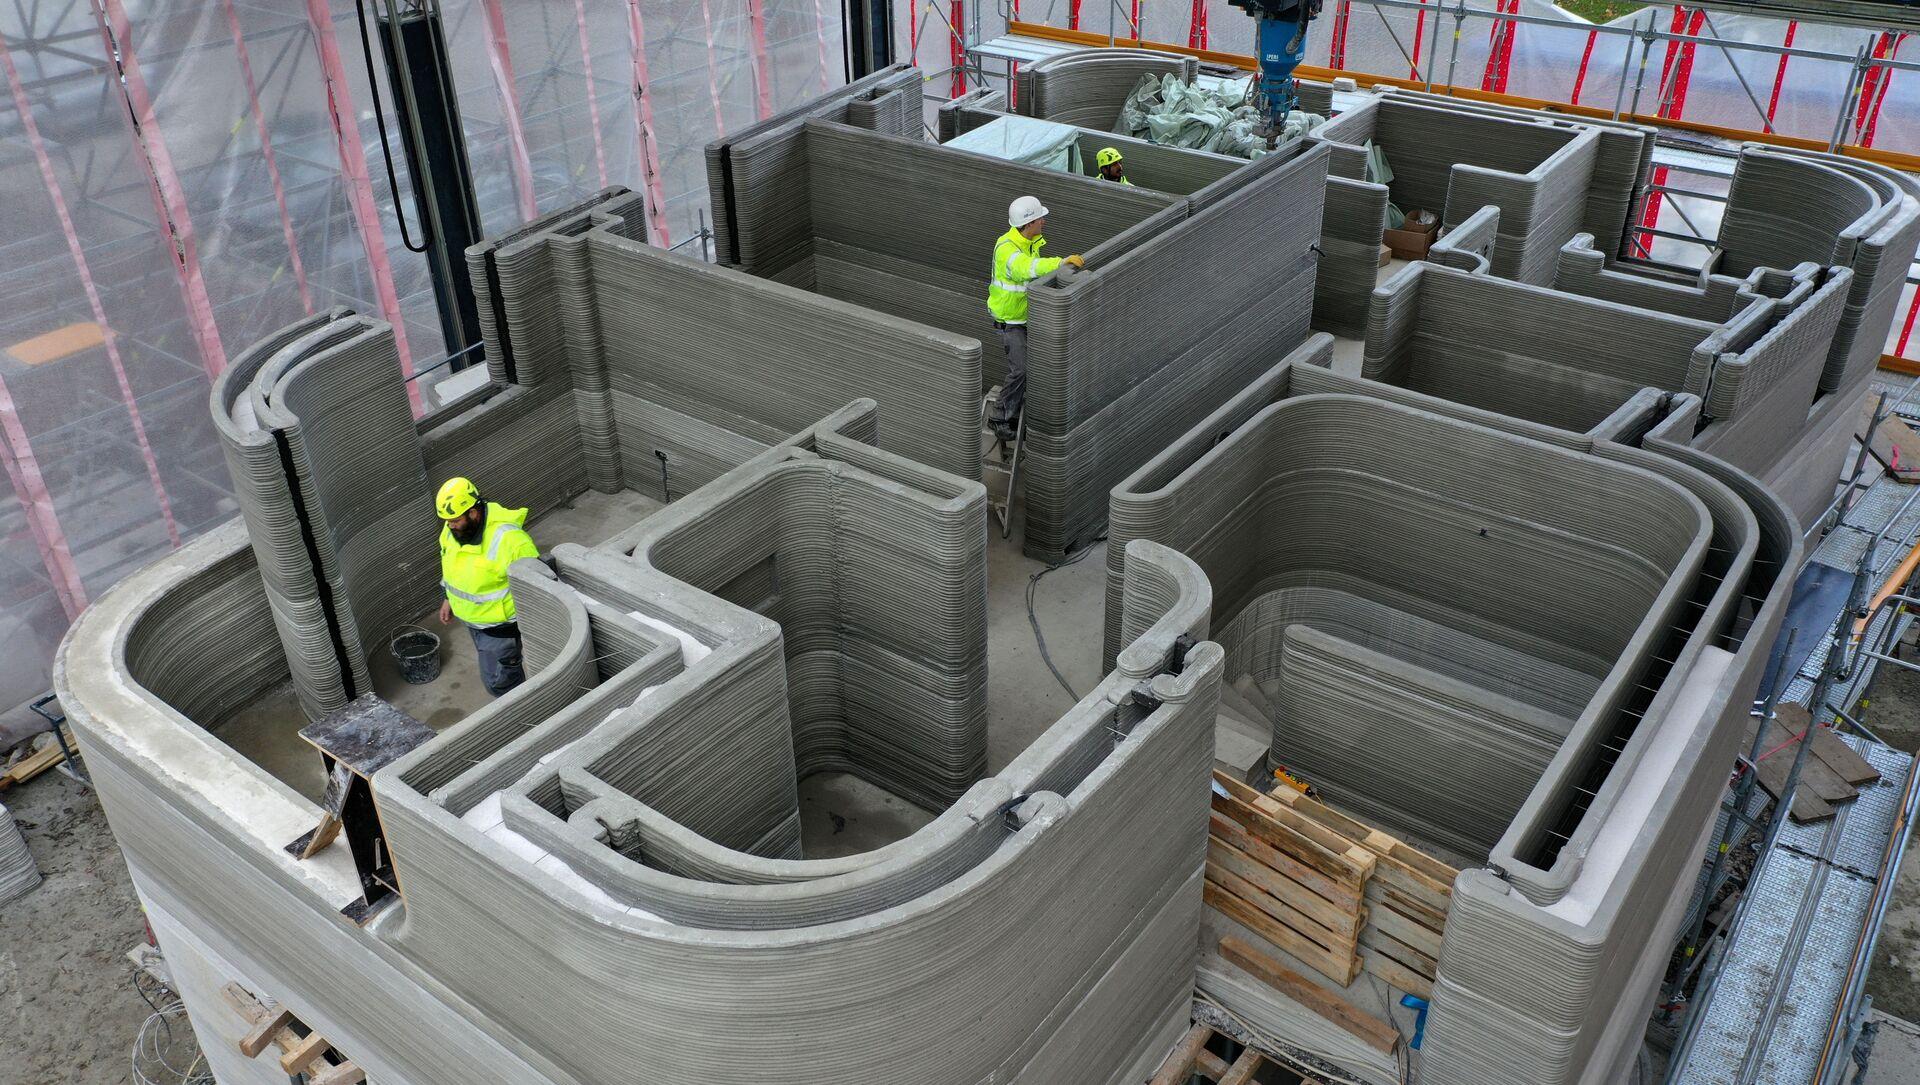 Hiện trường xây dựng tòa nhà dân cư đầu tiên dùng máy in 3D để đổ bê tông, ở Beckum, Tây Đức - Sputnik Việt Nam, 1920, 01.08.2021